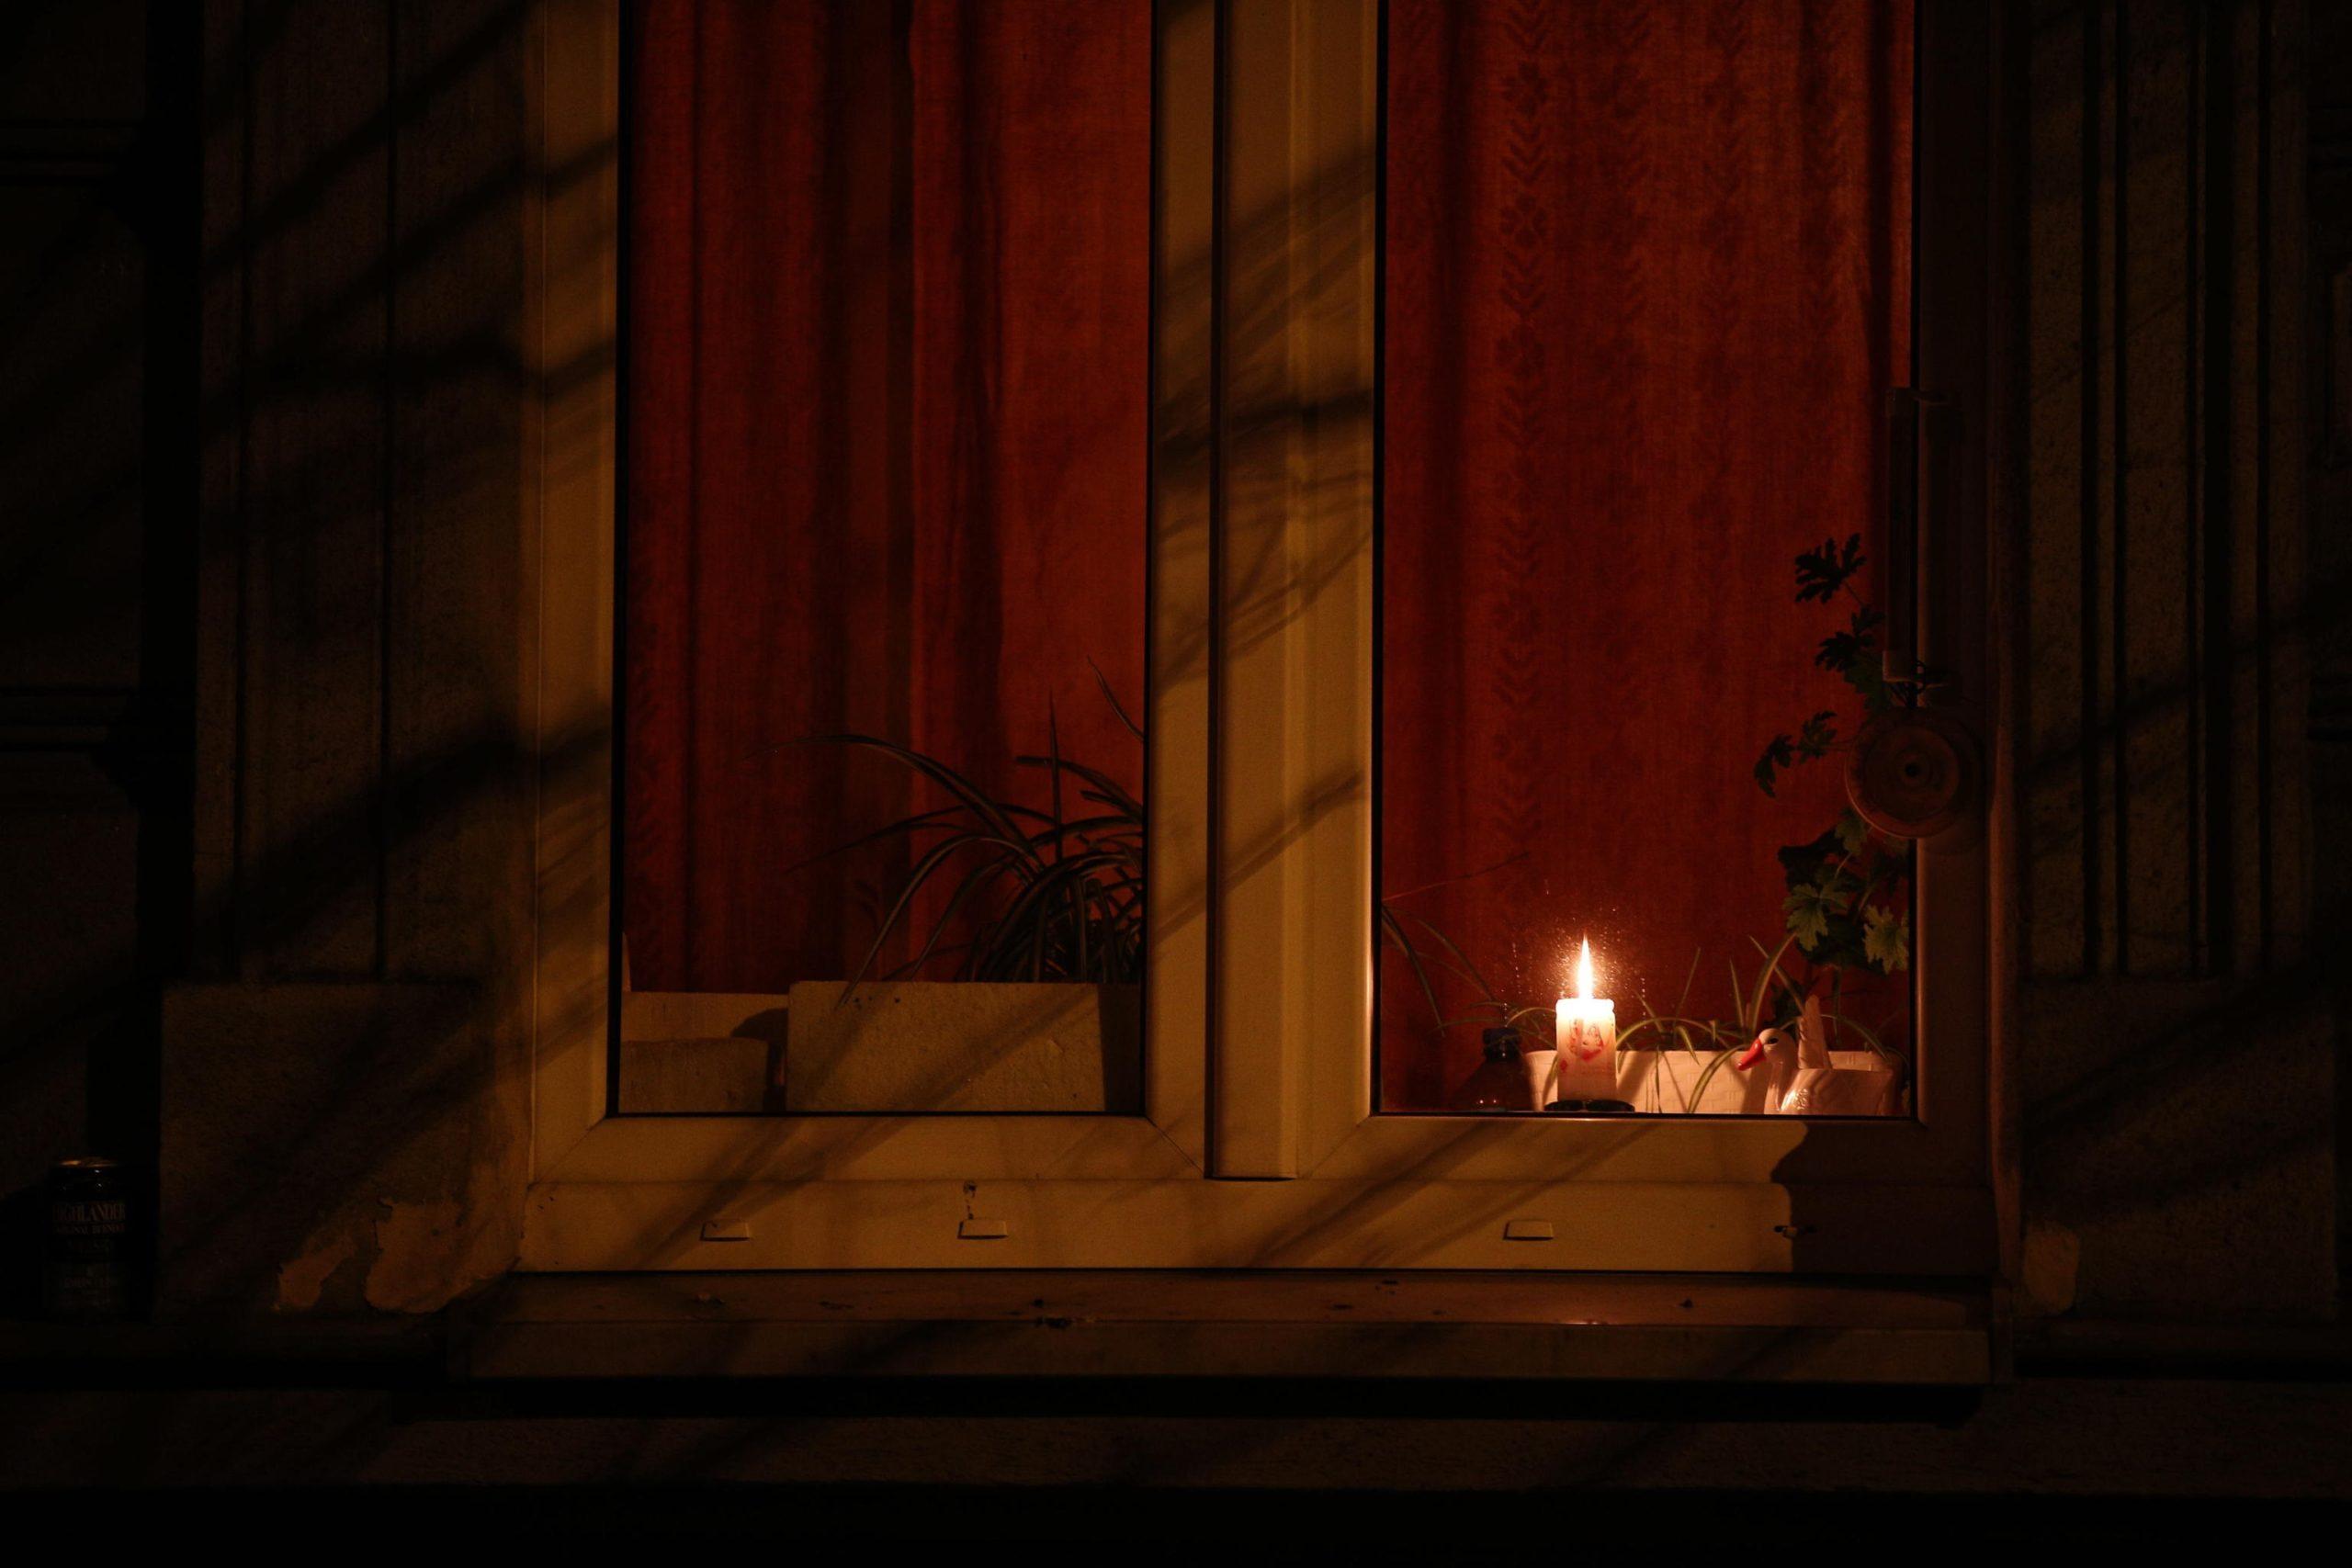 Candele alle finestre a Cracovia, per ricordare Papa Giovanni Paolo II